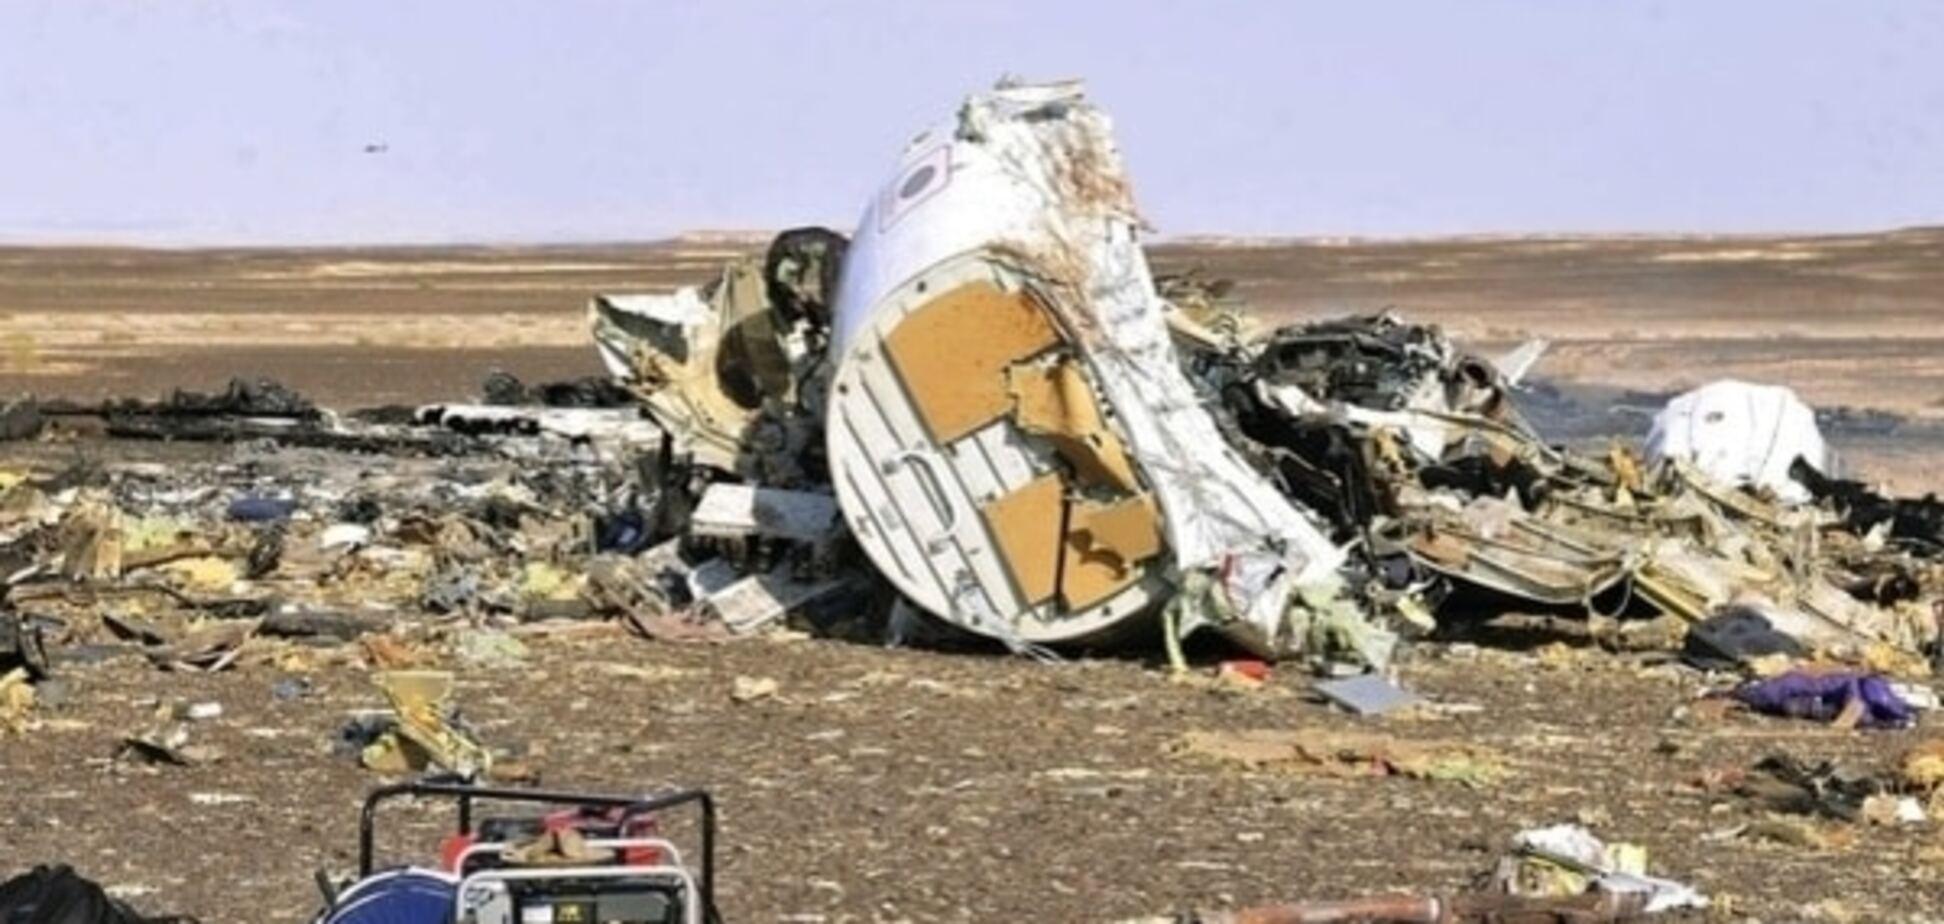 Авиакатастрофа в Египте: спасатели уже нашли тела 163 жертв